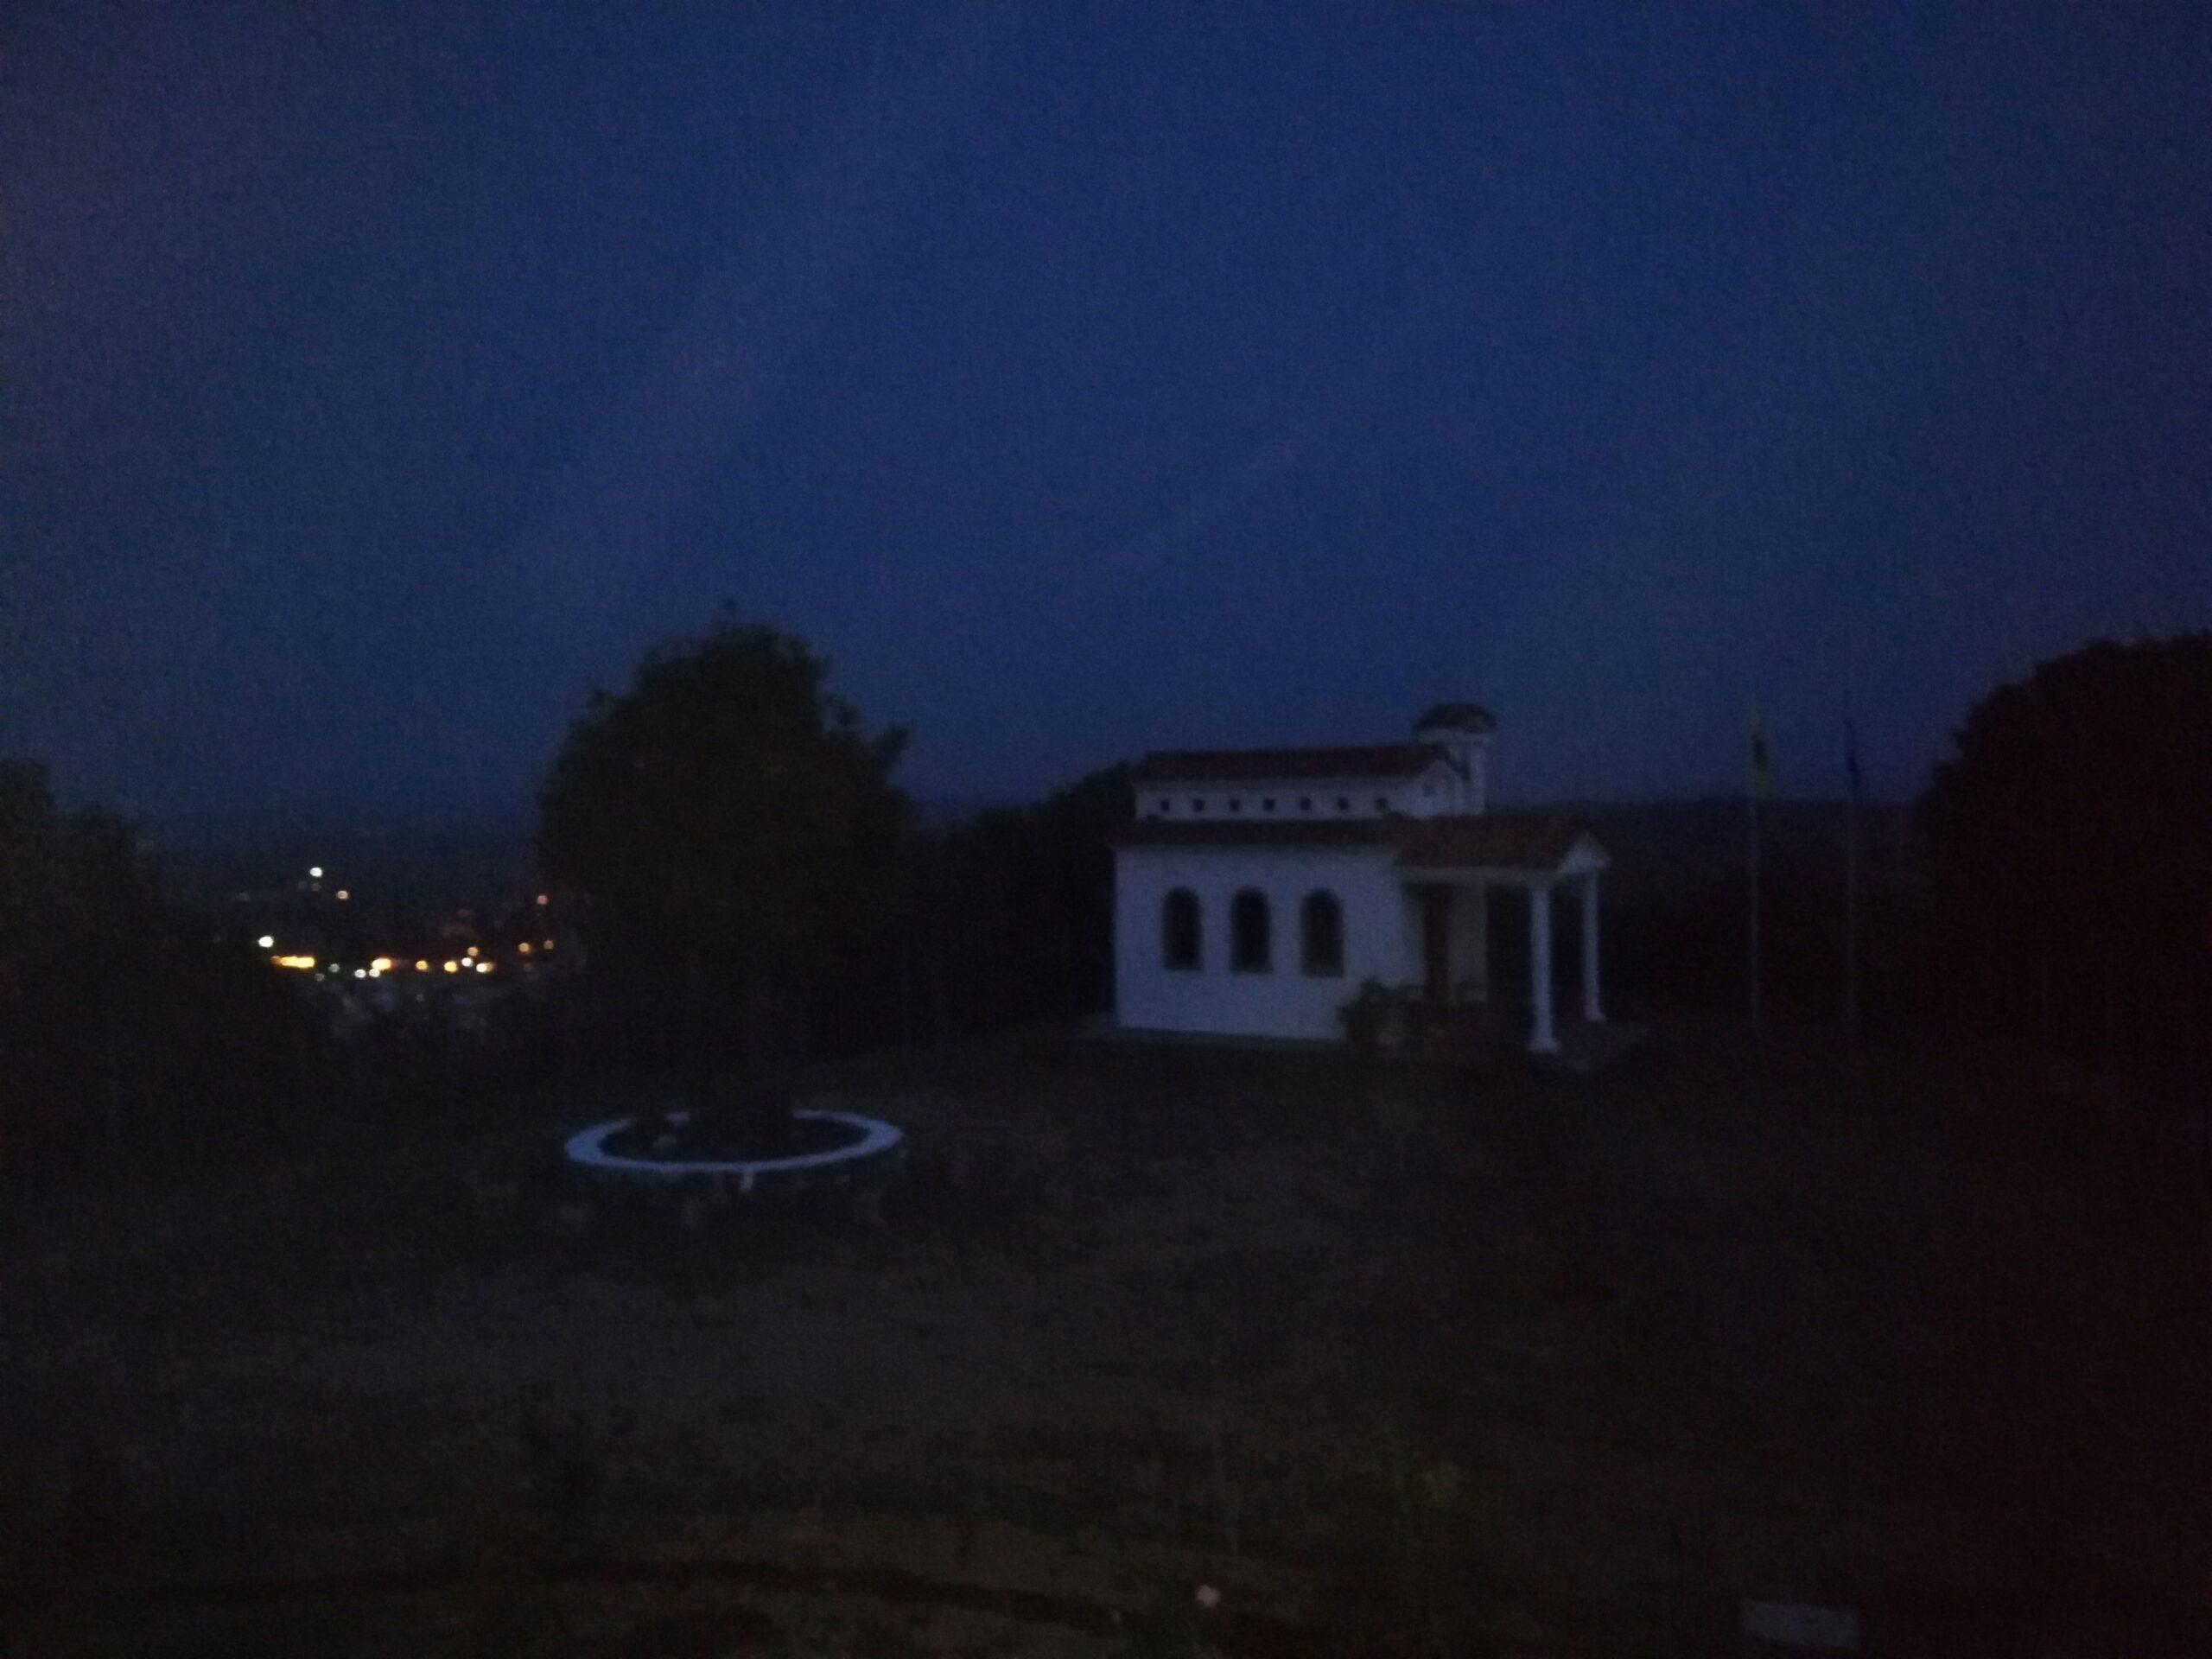 Άγιος Ραφαήλ, Νικολάου κ Ειρήνης Σόχος Λαγκάδας τκ.57002